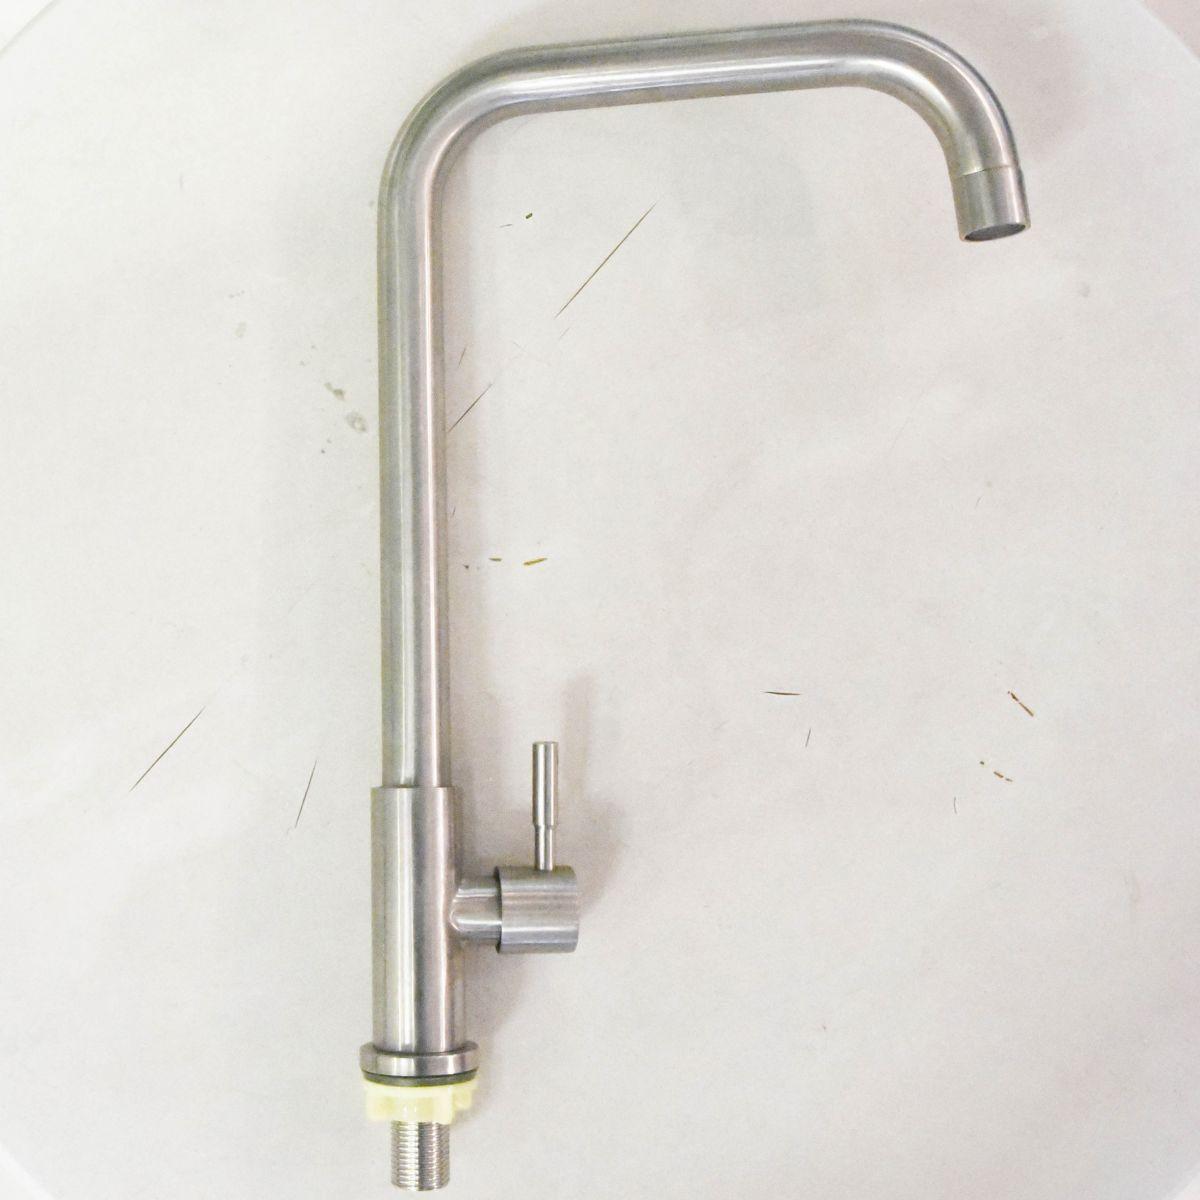 Vòi bếp rửa chén bát Outlet 12 là sản phẩm thiết bị vệ sinh outlet, xả kho, thanh lý một số mặt hàng trưng bày, giá khuyến mãi cực kỳ hấp dẫn, đến ngay showroom Hita tại Tphcm